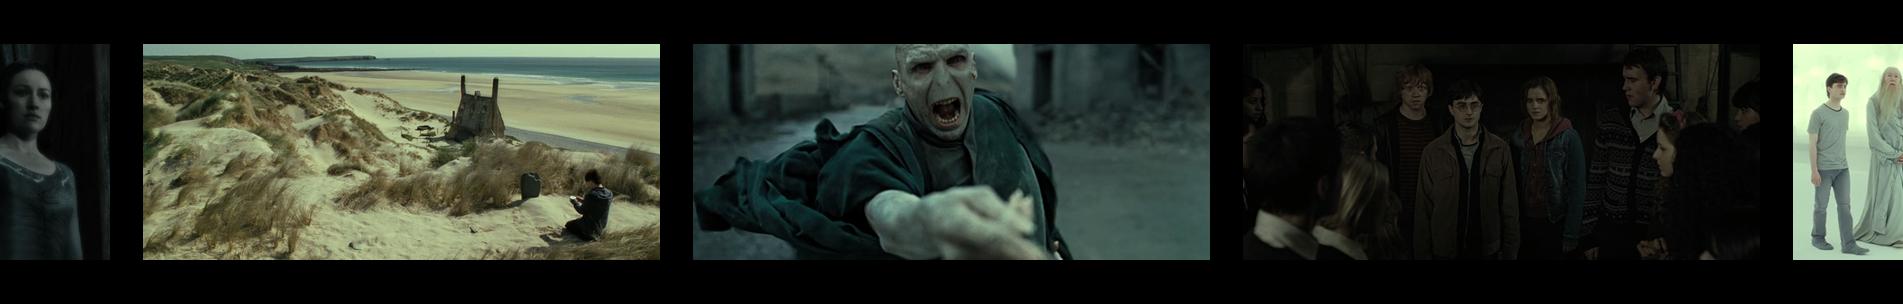 """Pellicule """"Harry Potter Et Les Reliques De La Mort - Partie 2"""""""